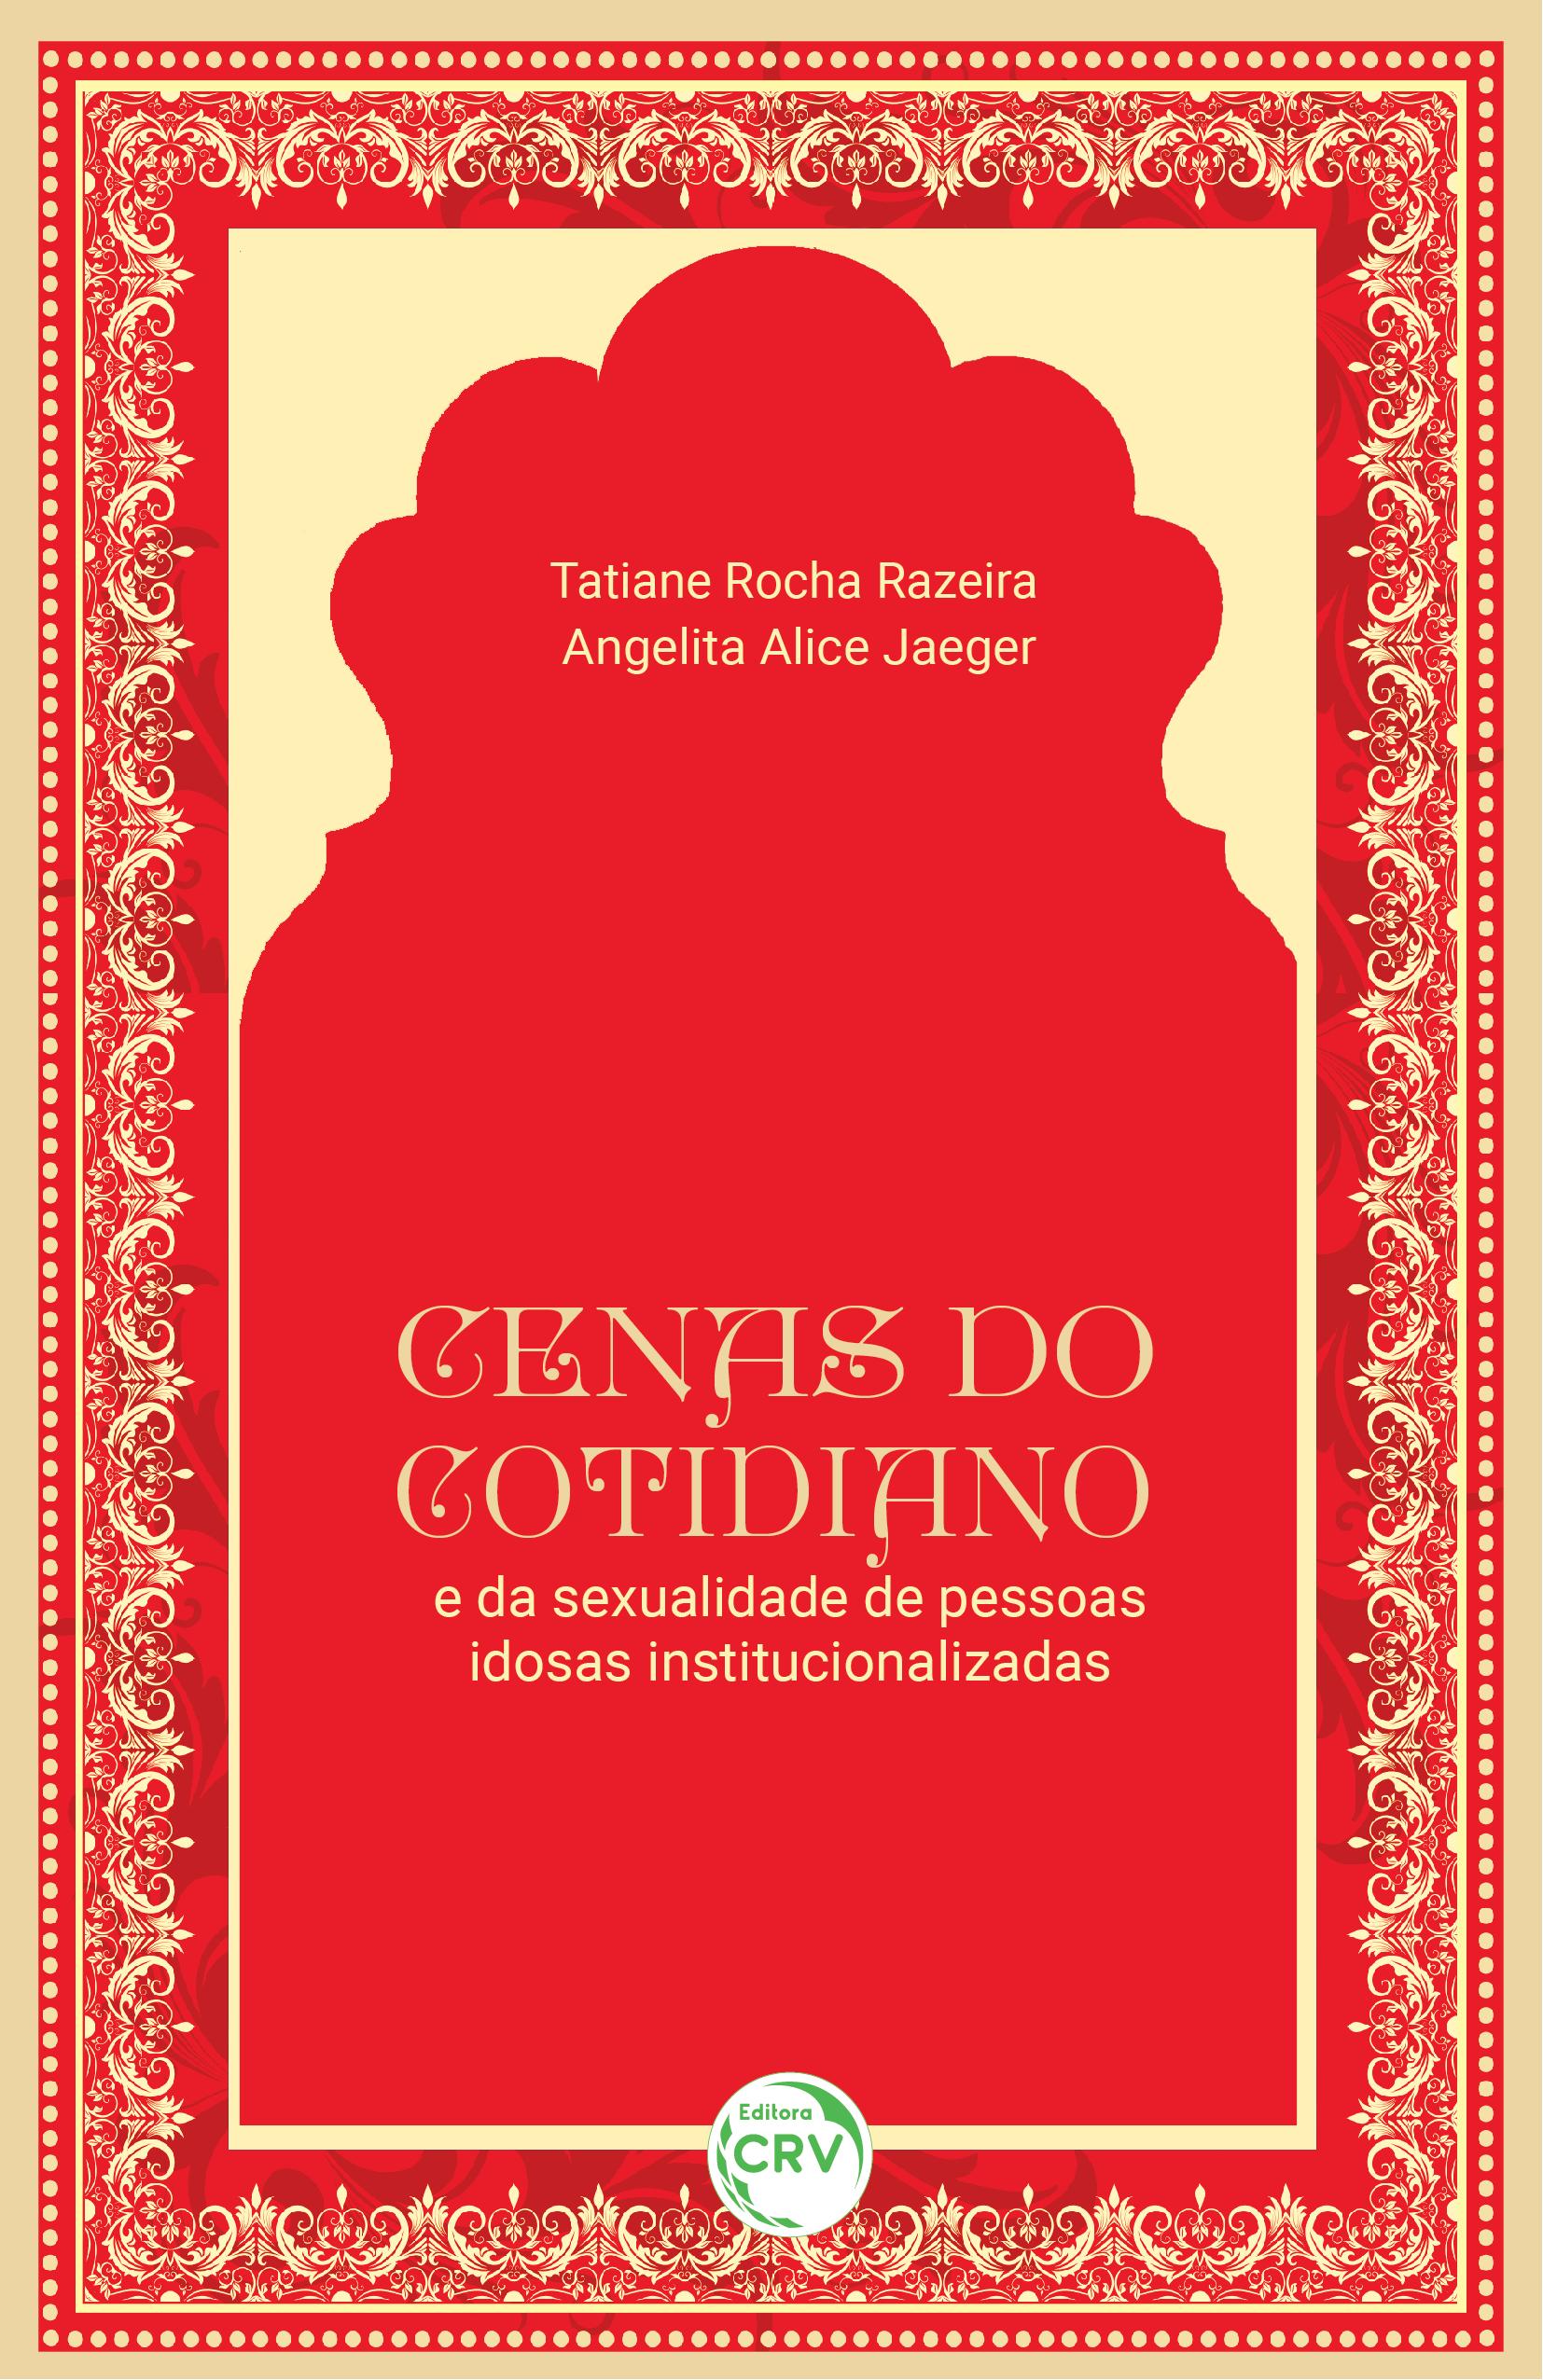 Capa do livro: CENAS DO COTIDIANO E DA SEXUALIDADE DE PESSOAS IDOSAS INSTITUCIONALIZADAS